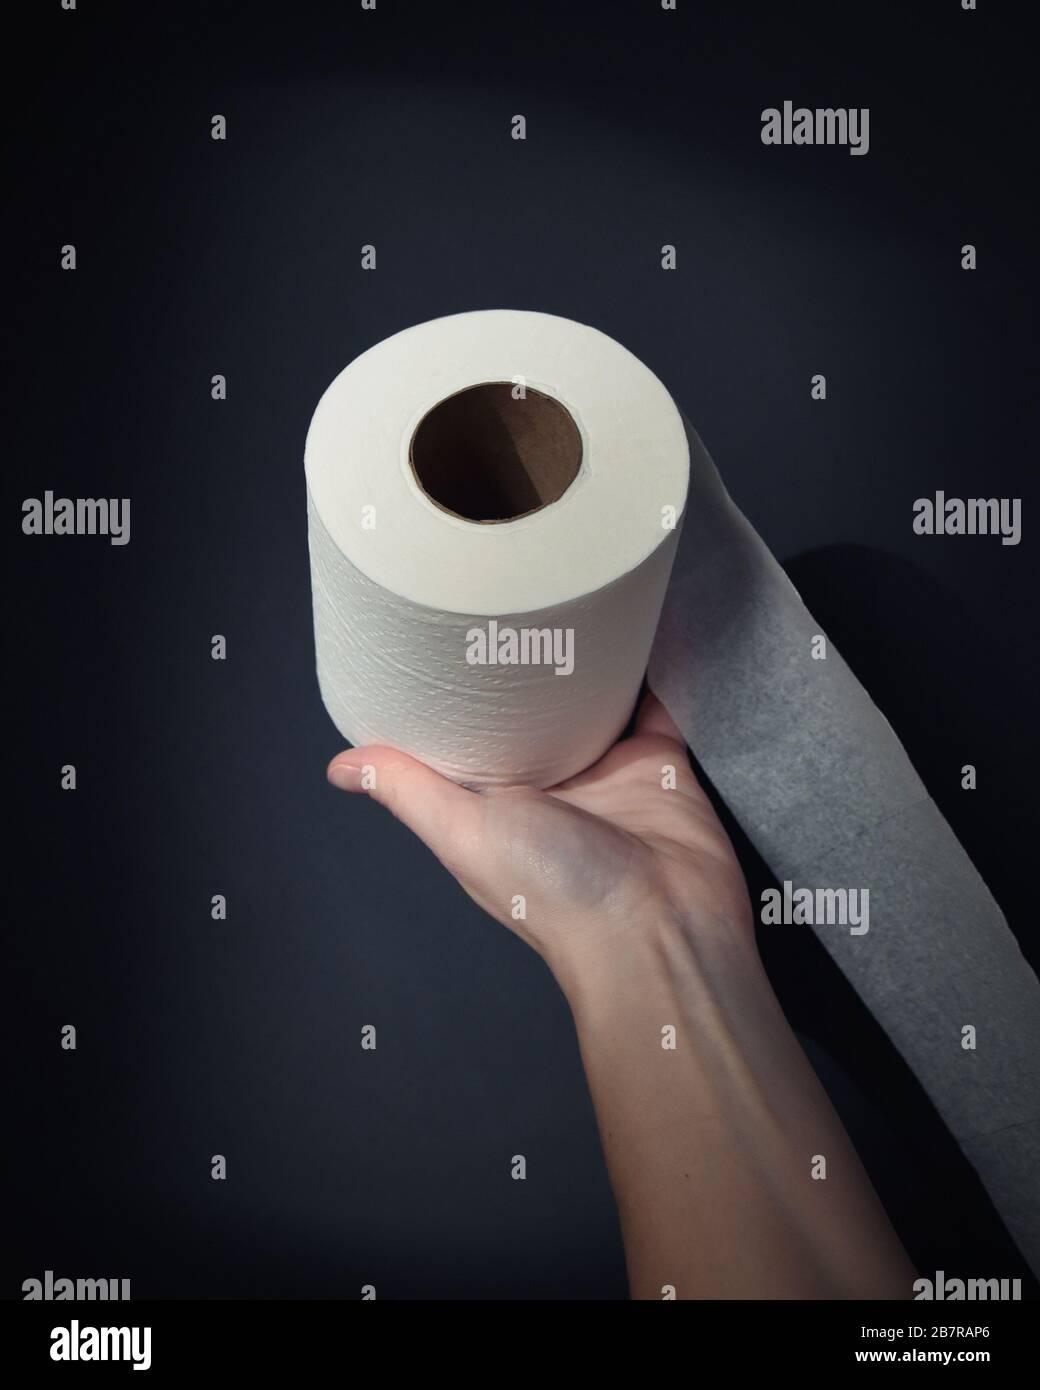 Una mano sta tenendo un rotolo di carta igienica con un riflettore sull'oggetto per una mancanza di offerta e di domanda di carta igienica sulla pandemia del virus della corona. Foto Stock